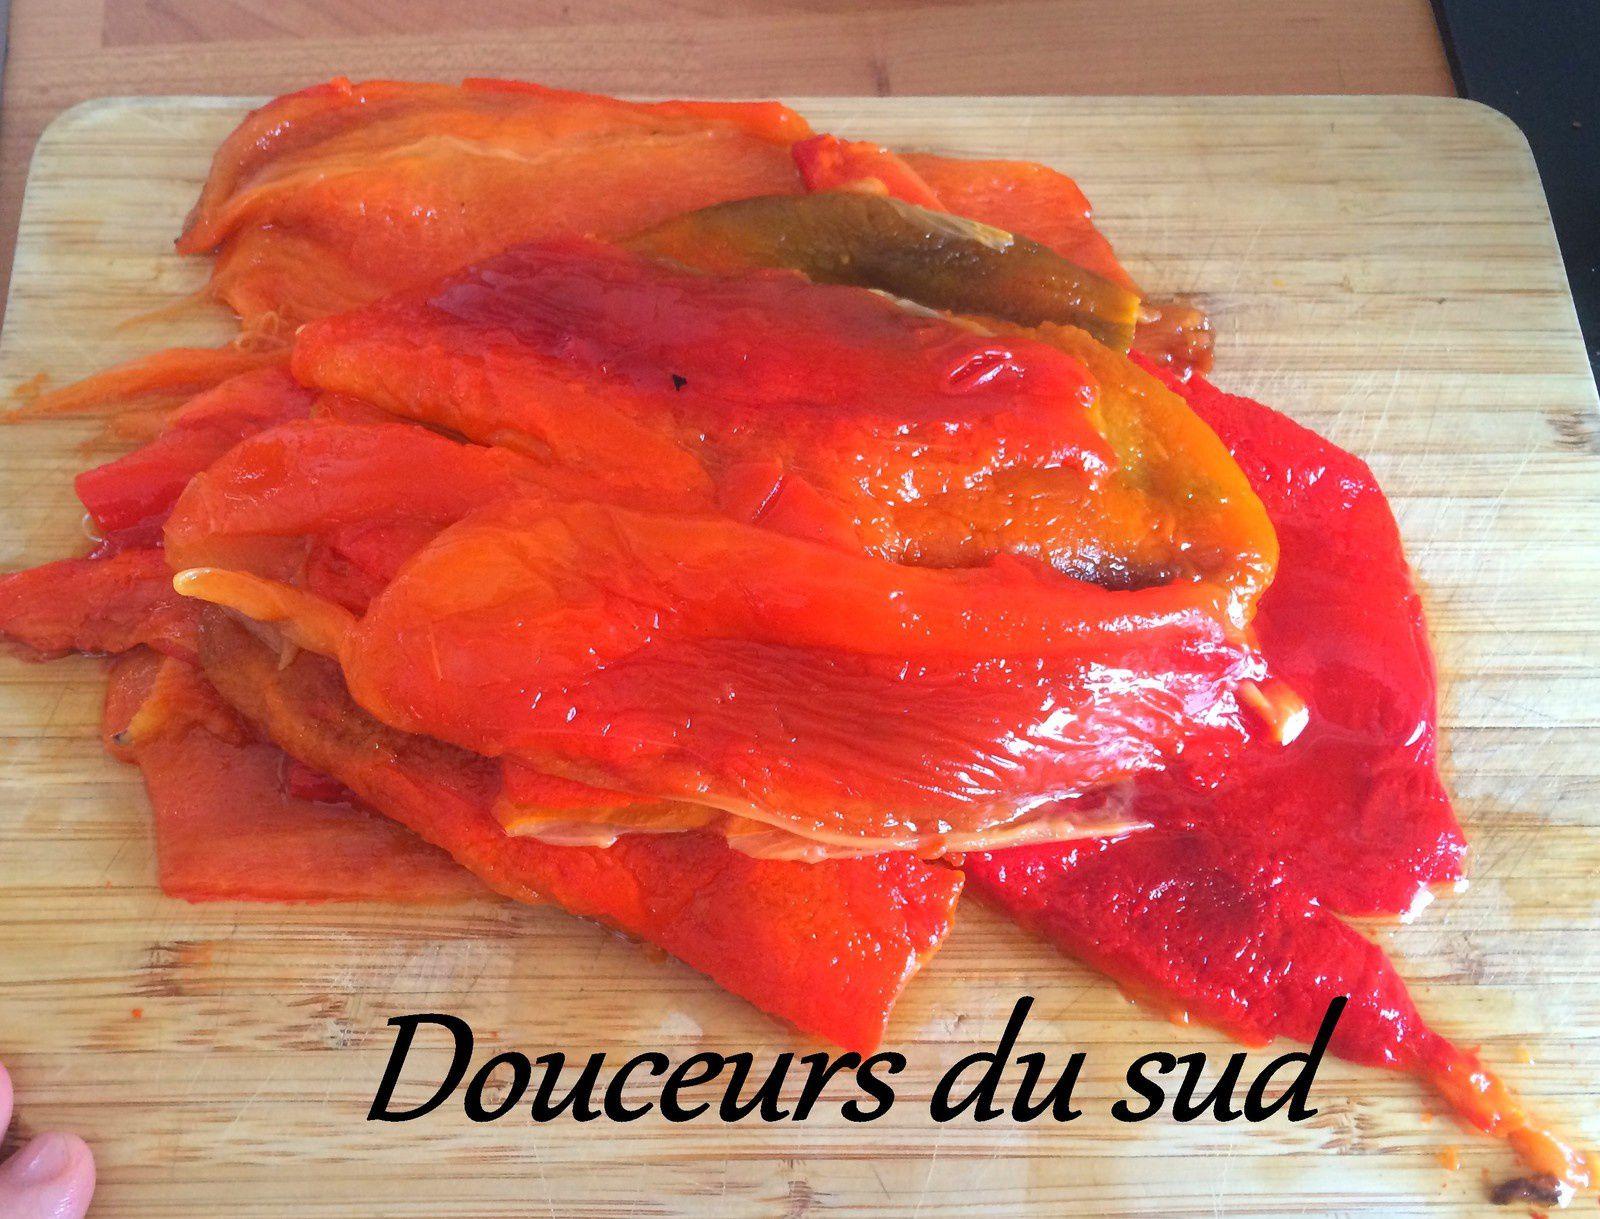 Salade Marocaine de Poivrons grillés ( Fatima Hal)